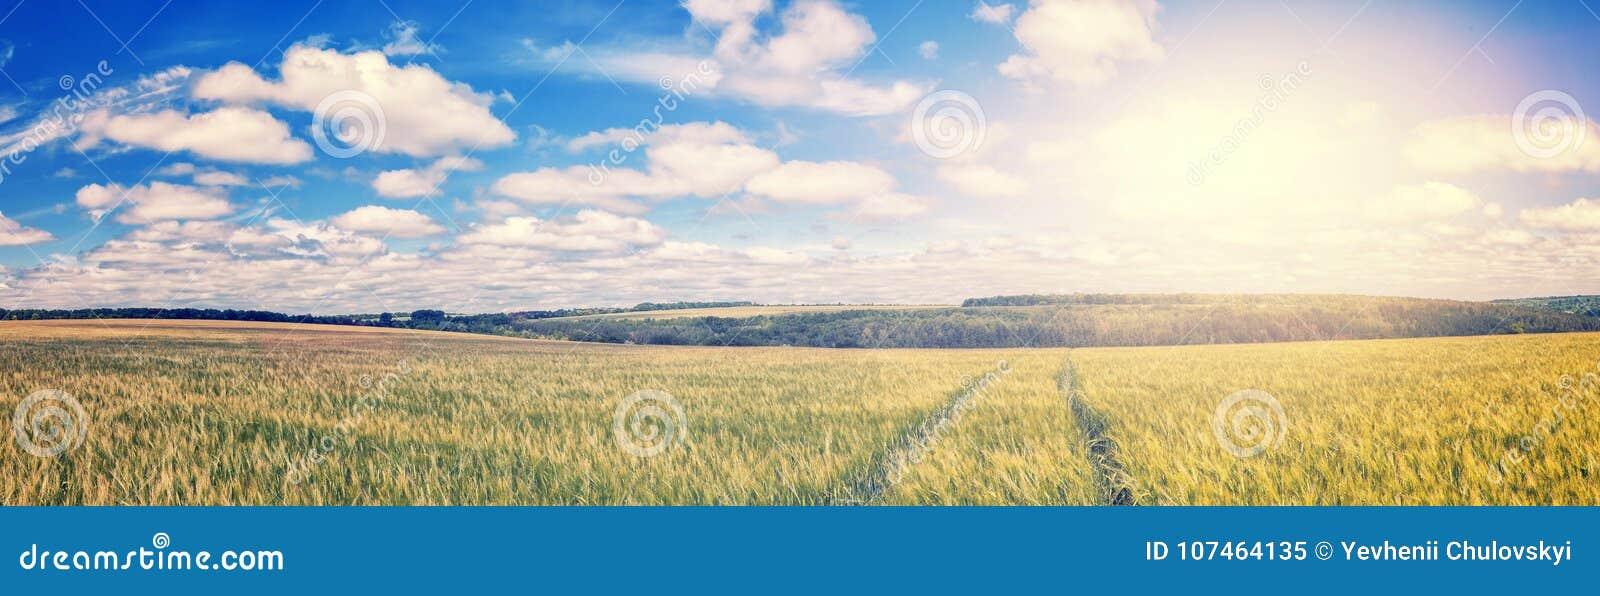 Percorso attraverso il giacimento di grano dorato, cielo blu perfetto paesaggio rurale maestoso